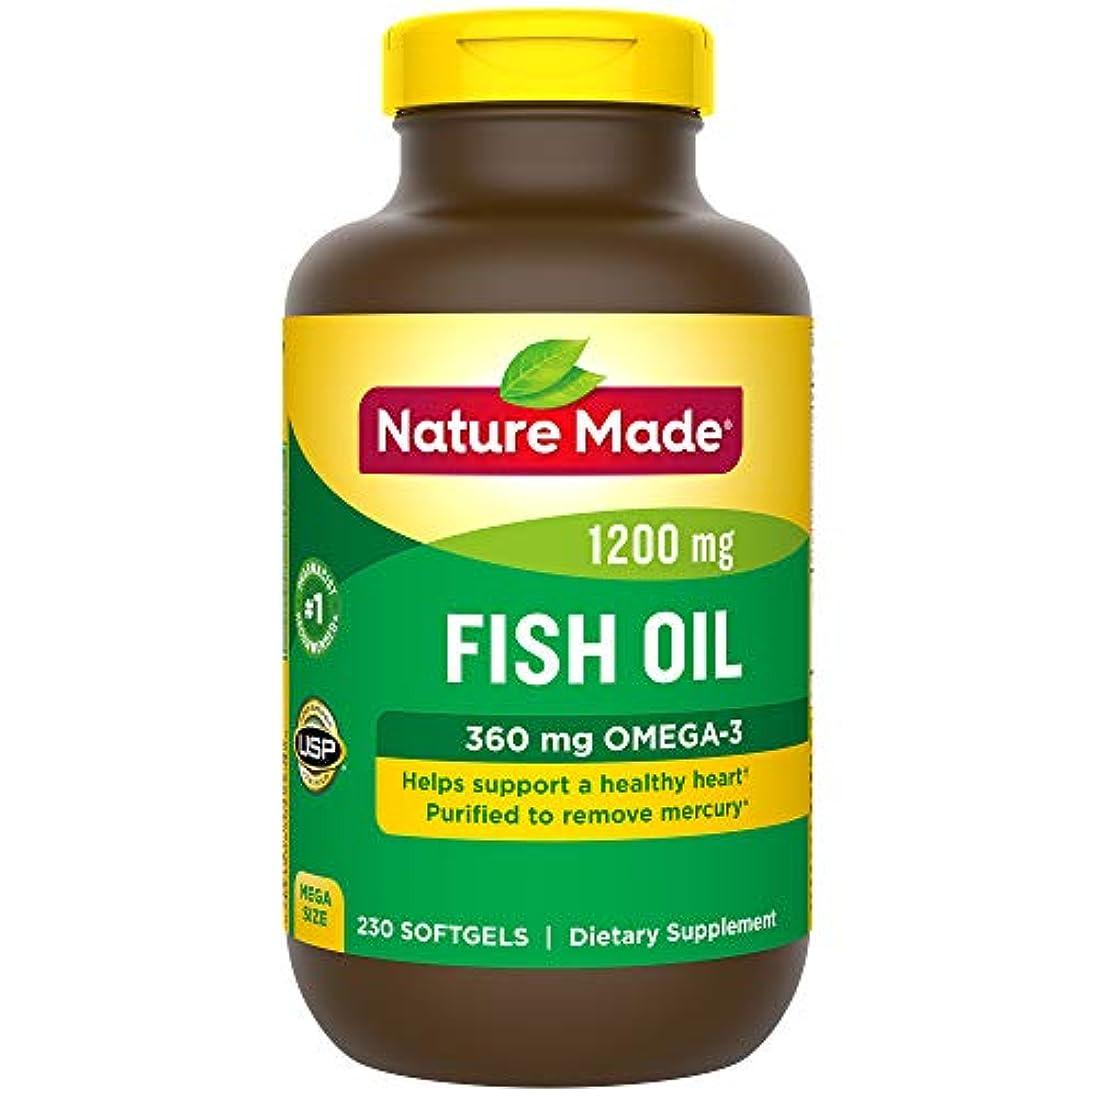 筋肉の夢中保存ネイチャーメイド Nature Made フィッシュオイル オメガ3 サプリメント ソフトジェル 230粒 [並行輸入]